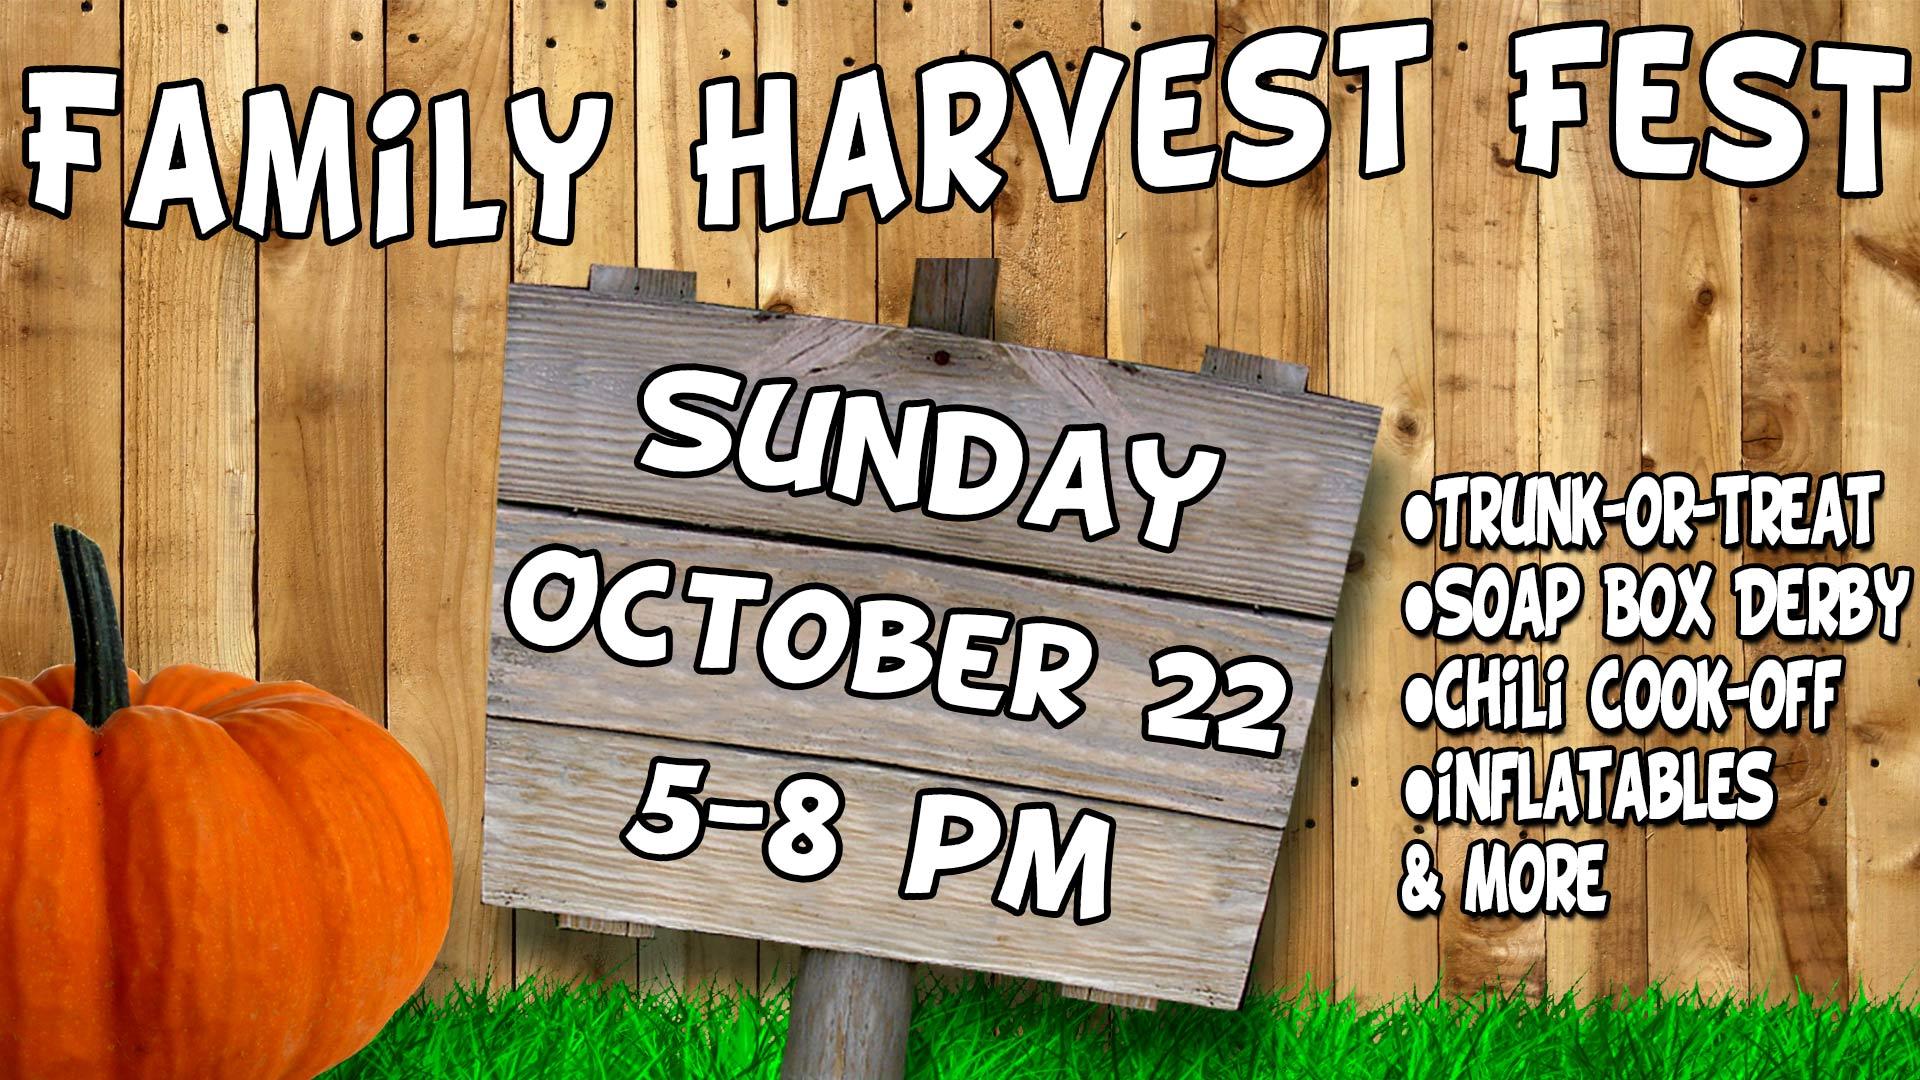 Family Harvest Fest Sign